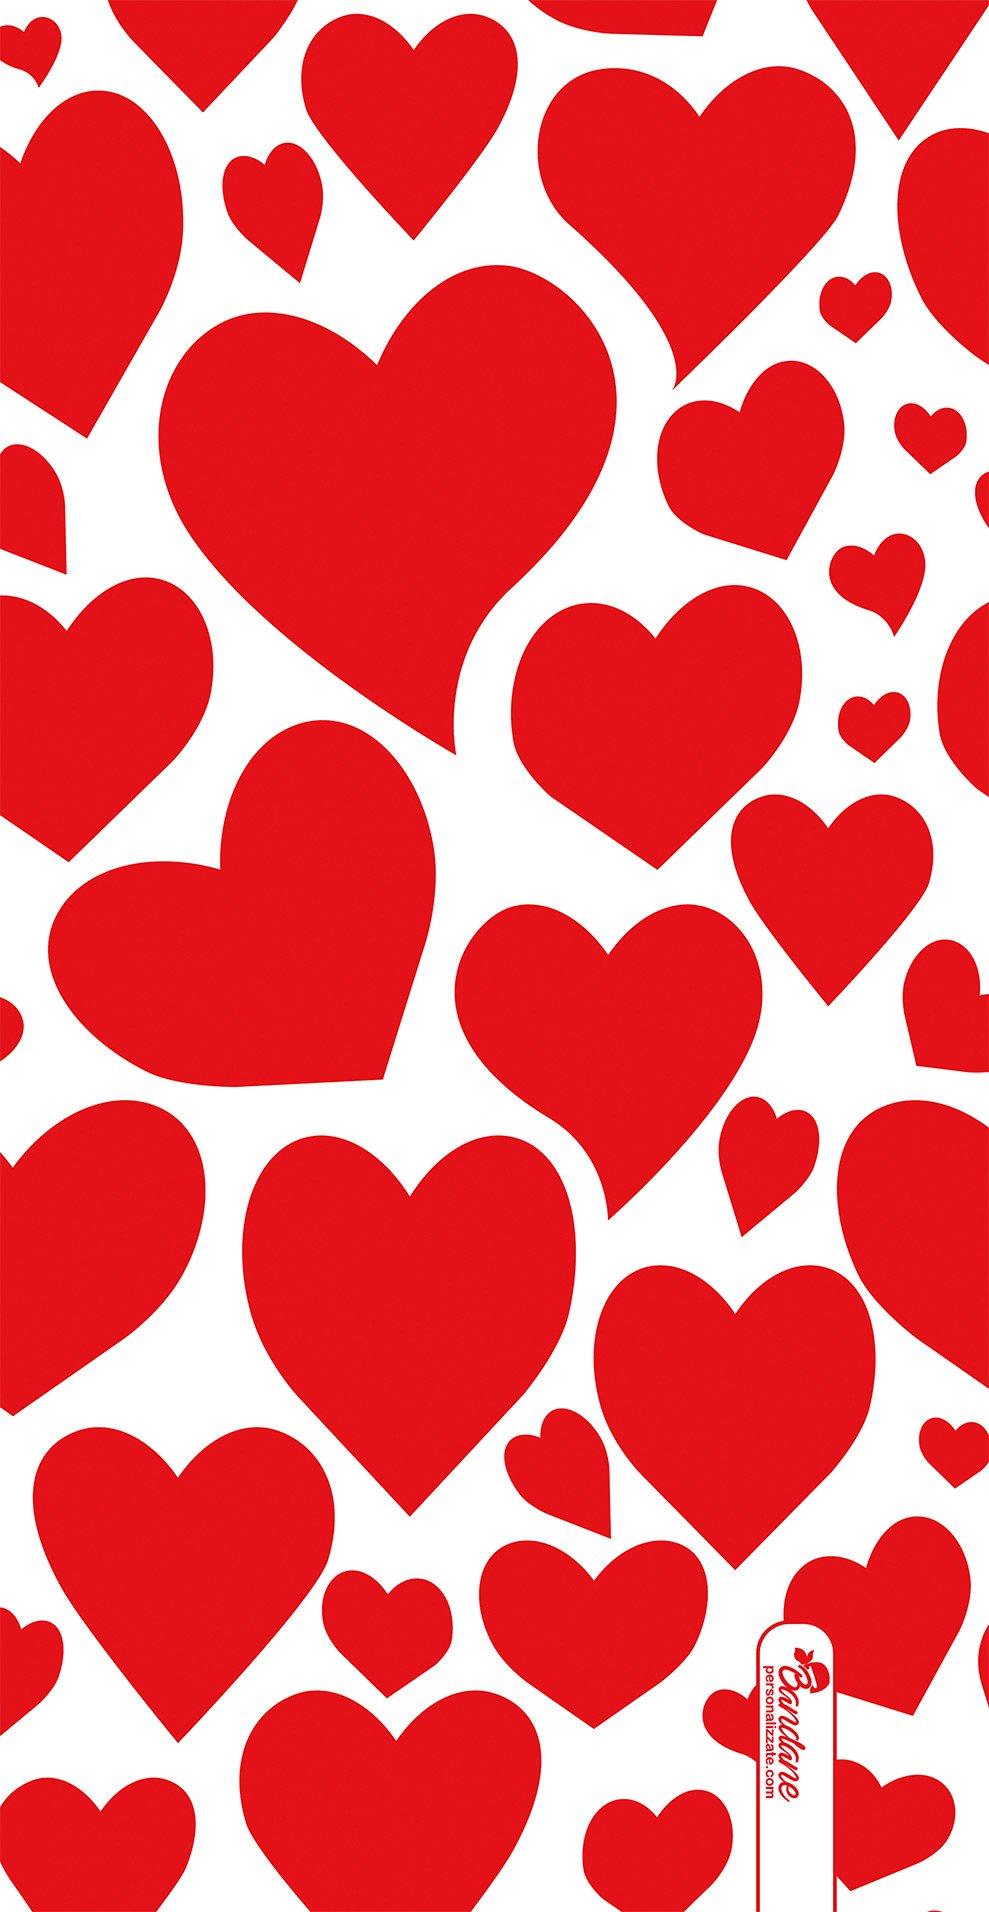 Scaldacollo cuori rossi per san valentino for Immagini di cuori rossi